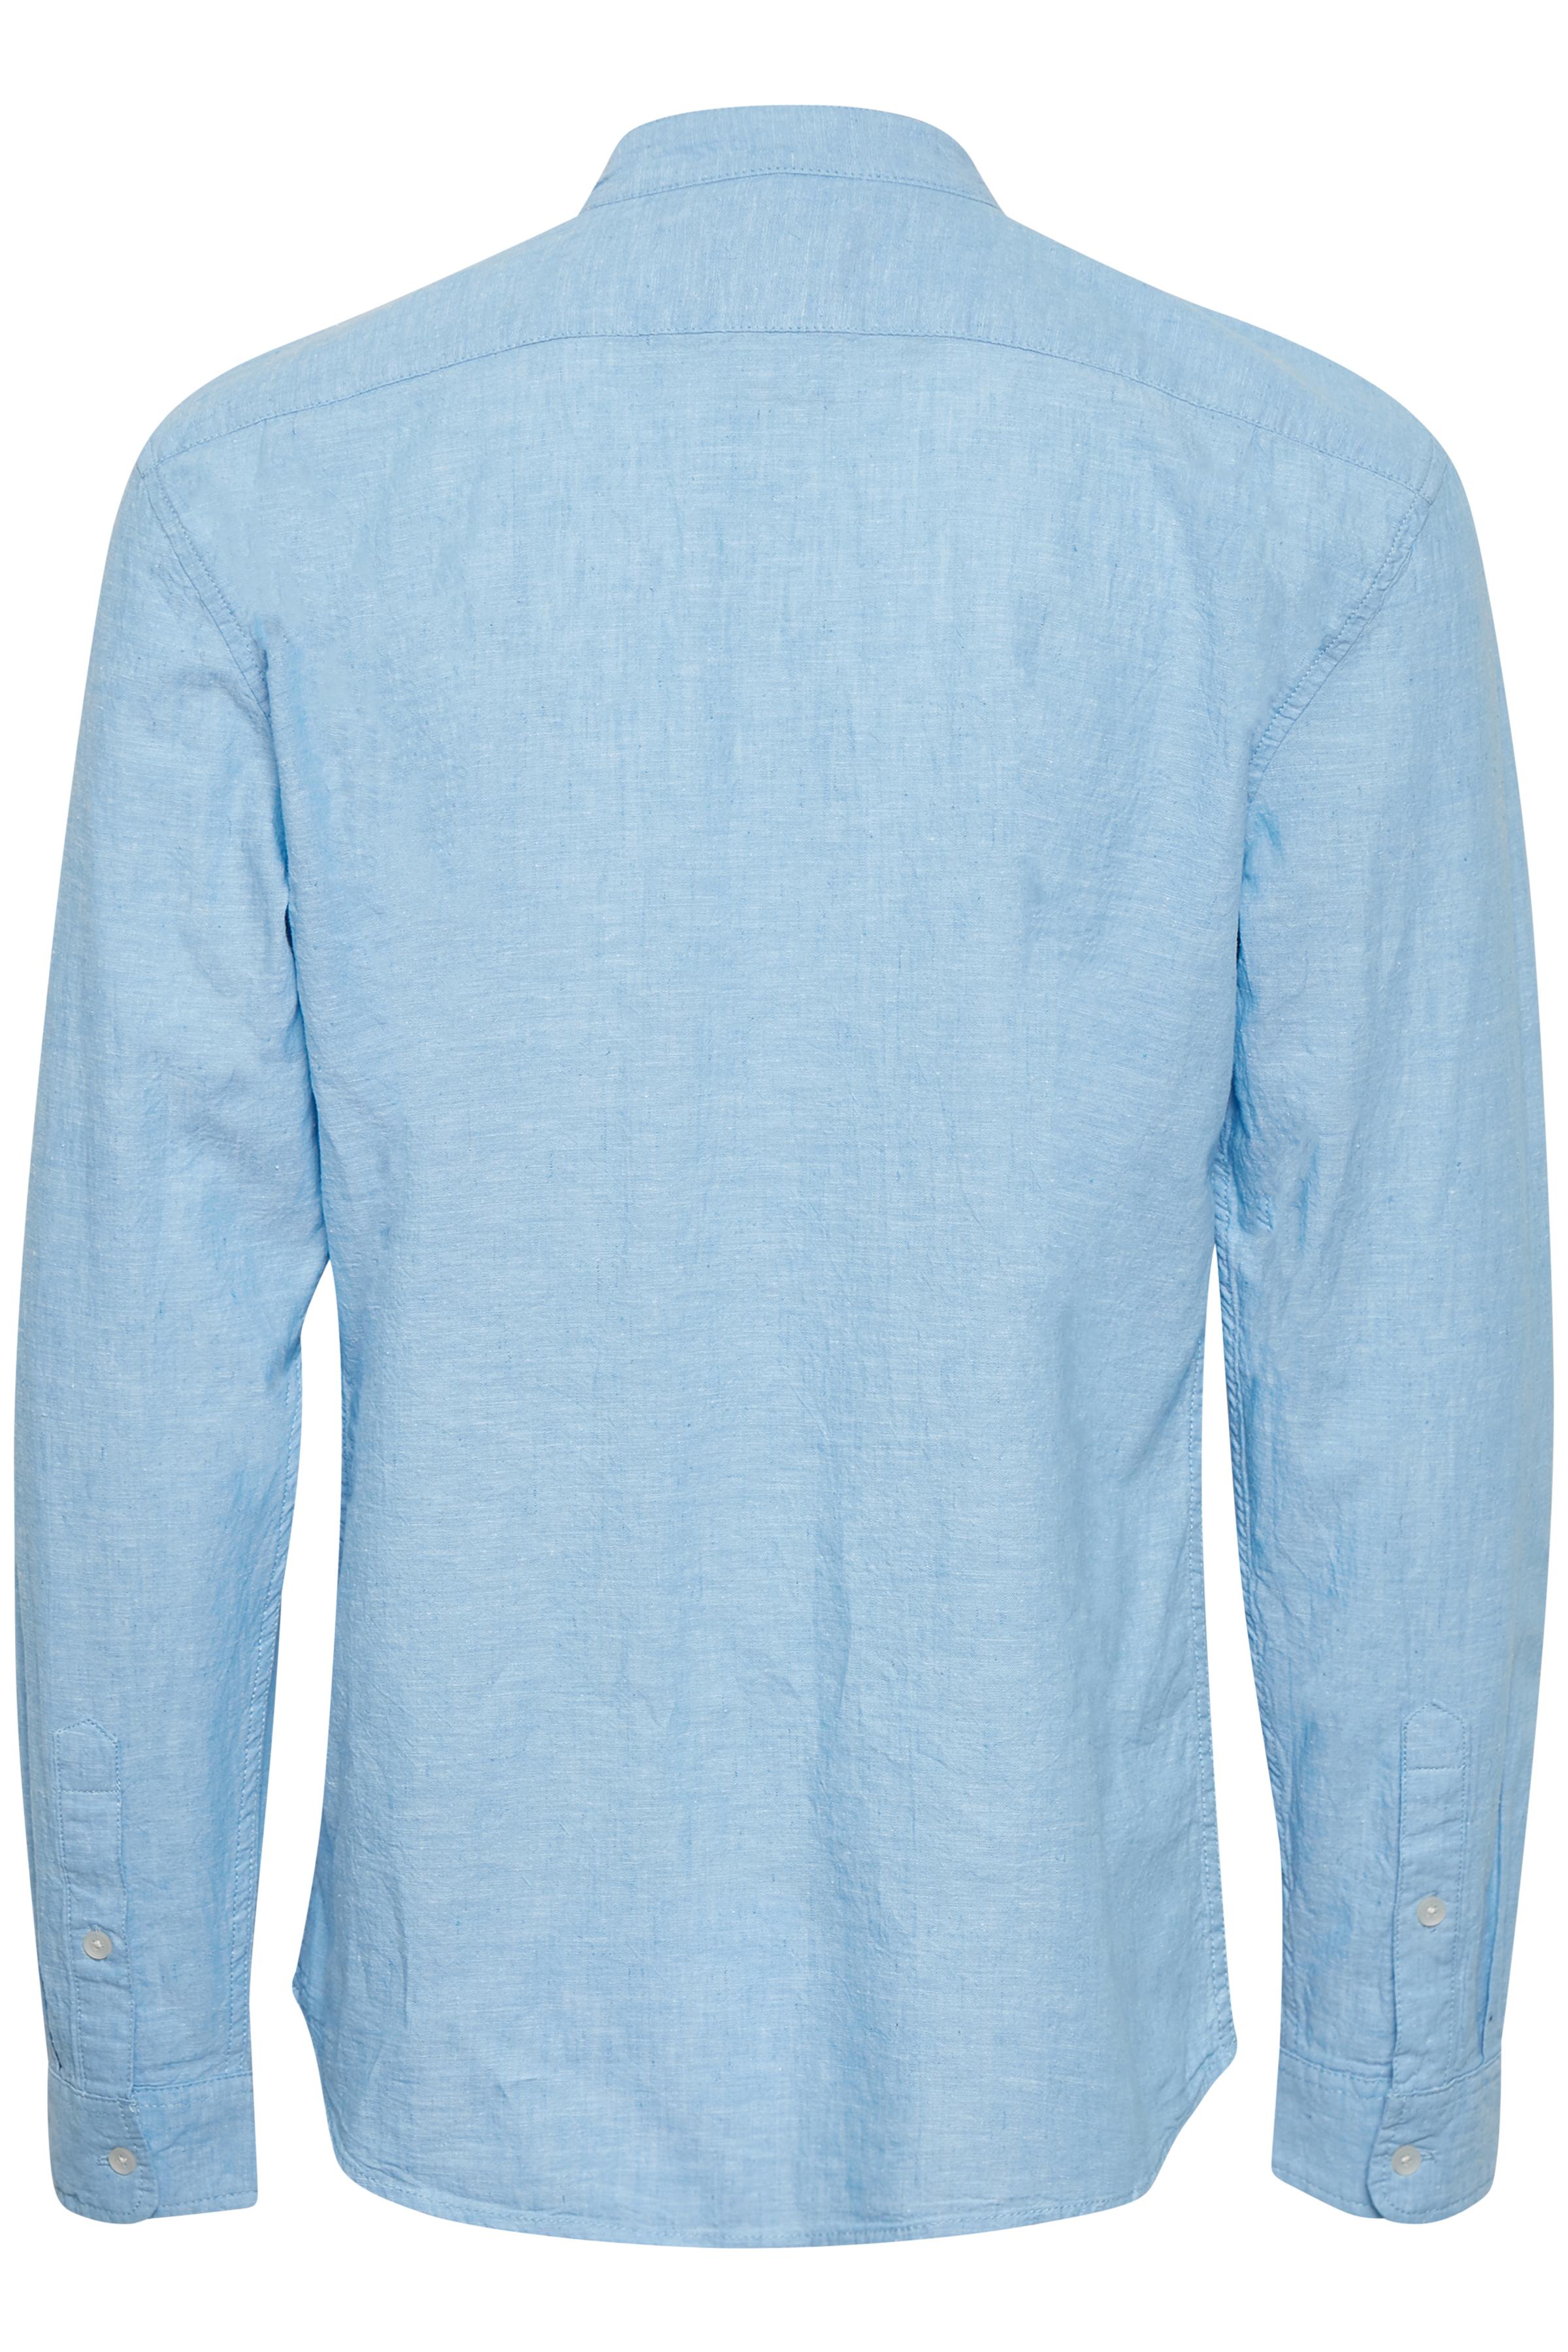 Coronet Blue Long sleeved shirt fra Blend He – Køb Coronet Blue Long sleeved shirt fra str. S-3XL her